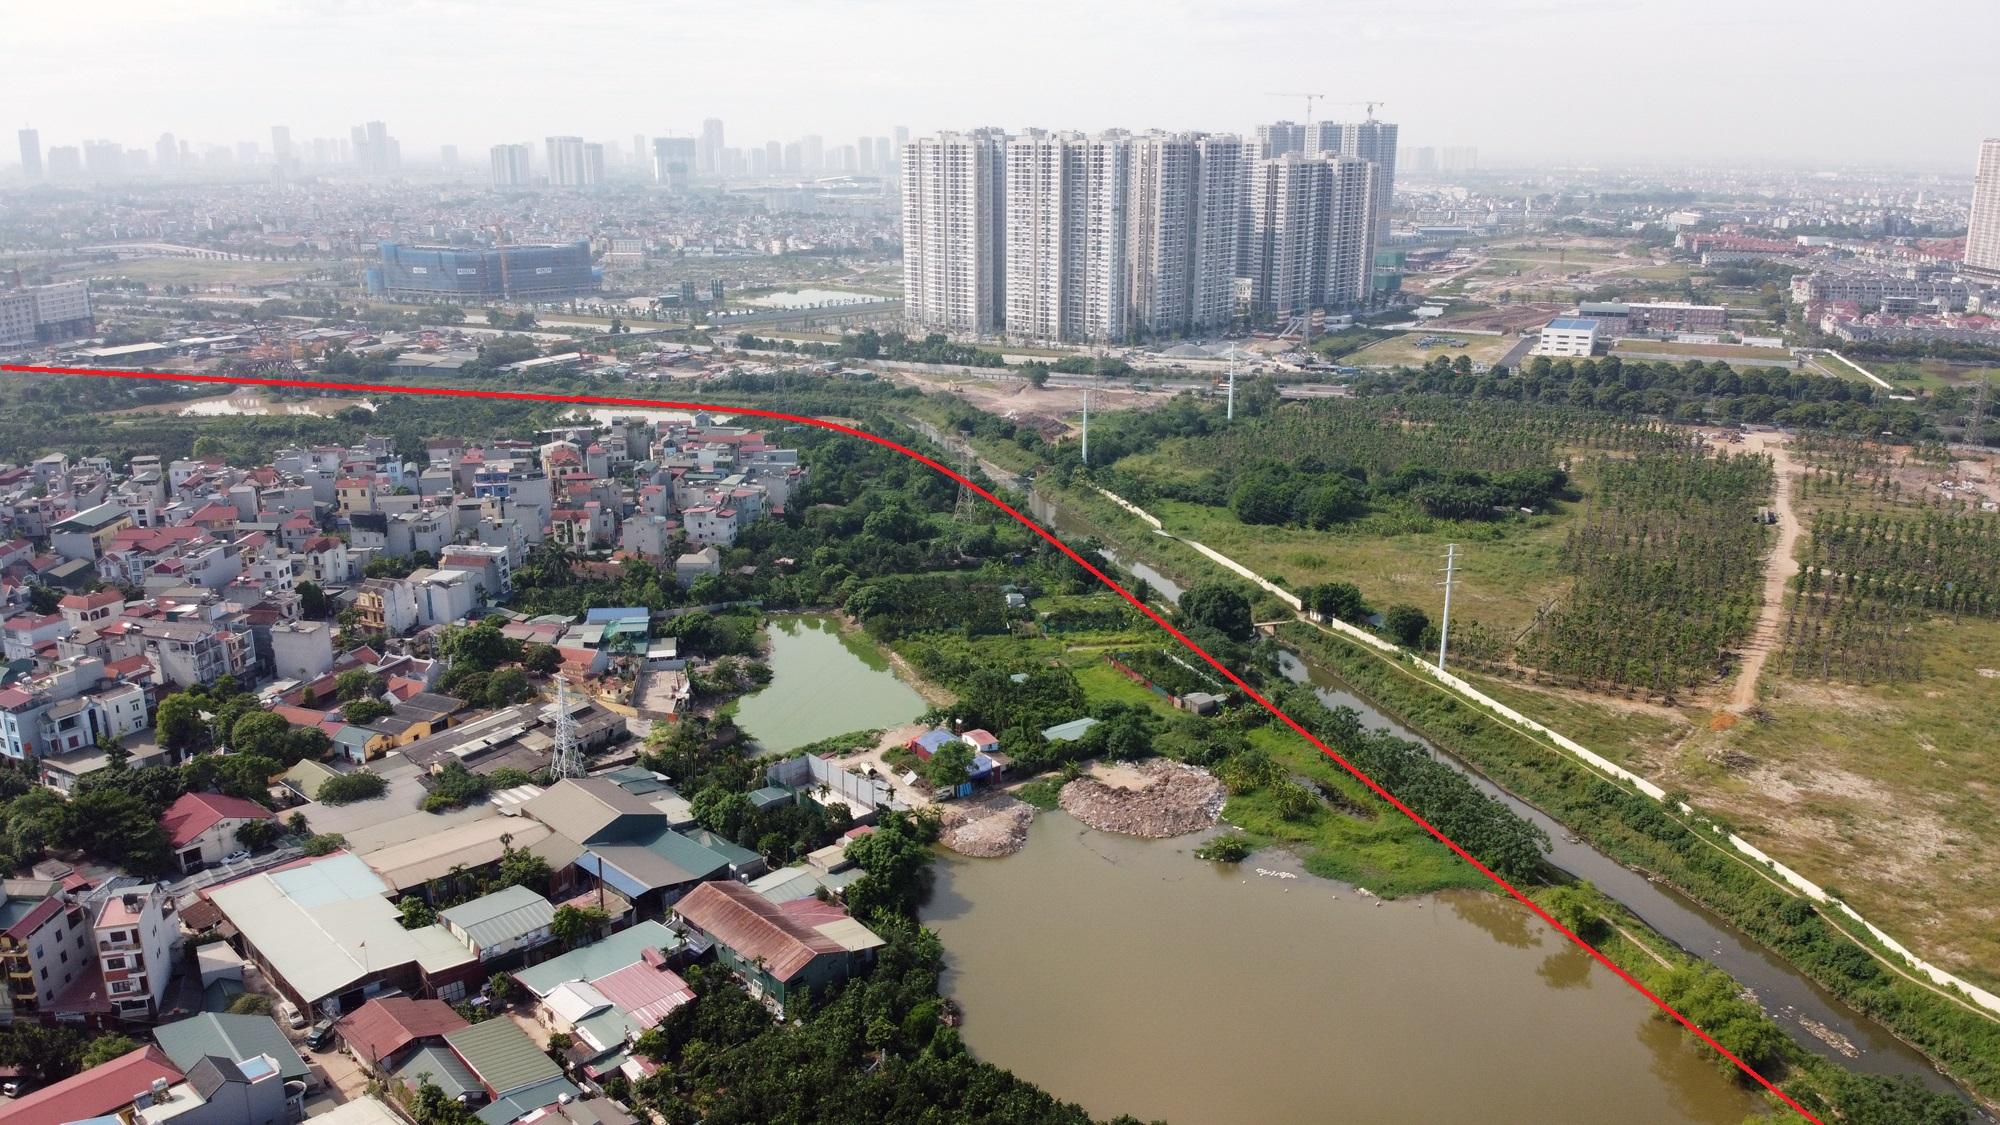 Toàn cảnh nơi xây dựng tuyến đường dài 3km trị giá gần 500 tỉ đồng ở quận Nam Từ Liêm - Ảnh 11.